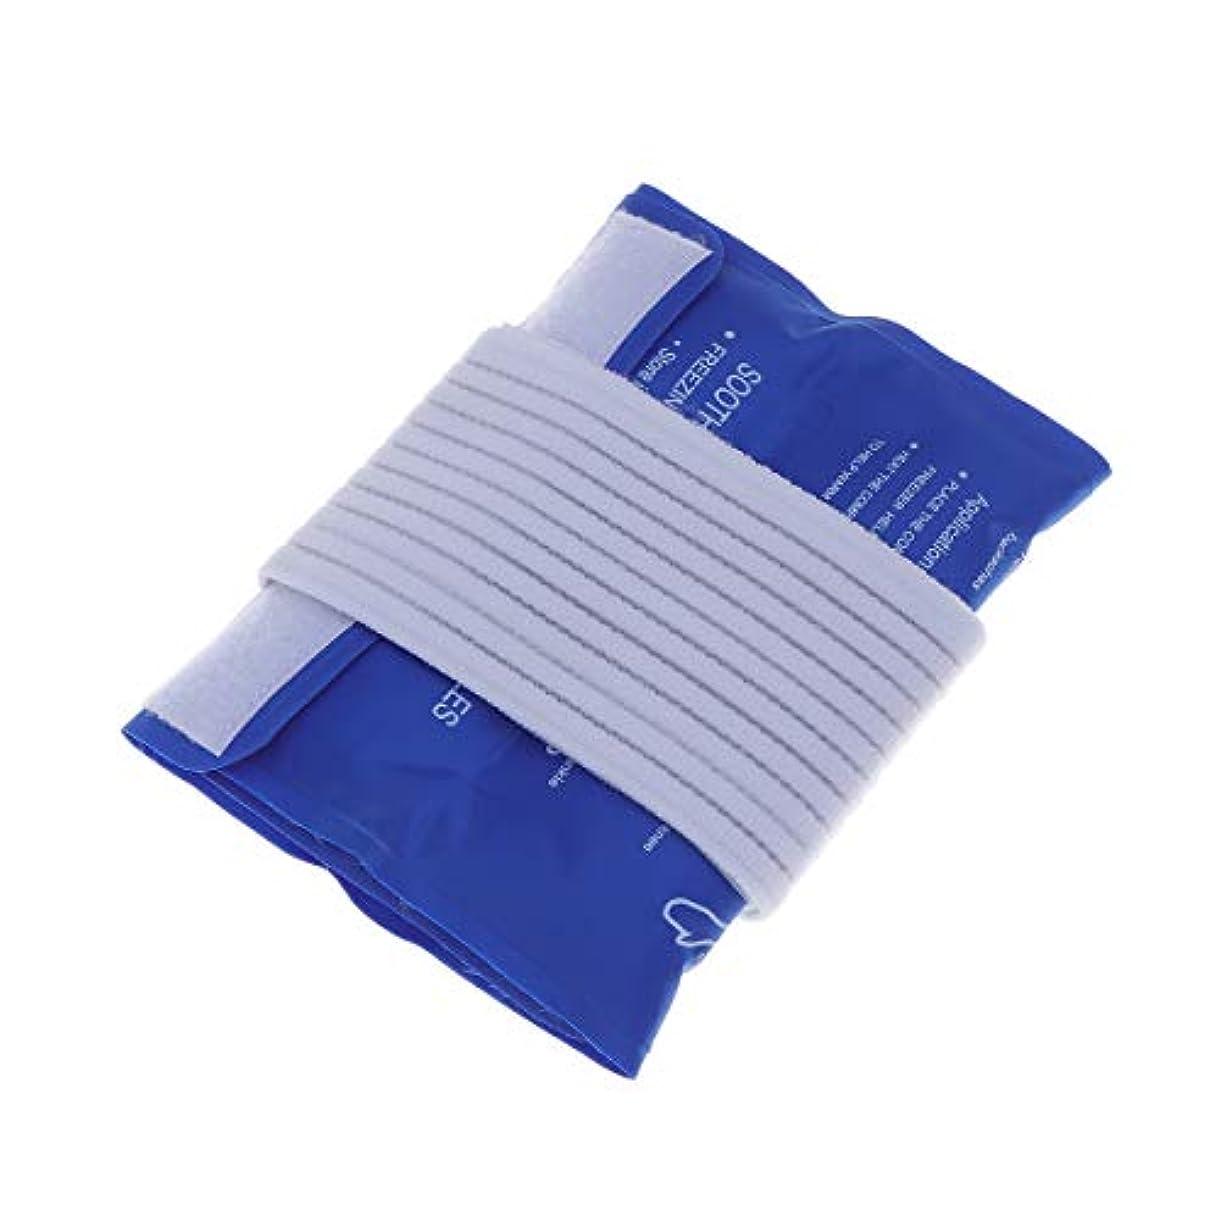 決定するに頼るローンSUPVOX ゲルアイスパックラップ医療冷却コンプレッションバッグ付き調節可能な弾性ストラップ付き捻挫筋肉痛傷害ホットコールドセラピー(ブルー)